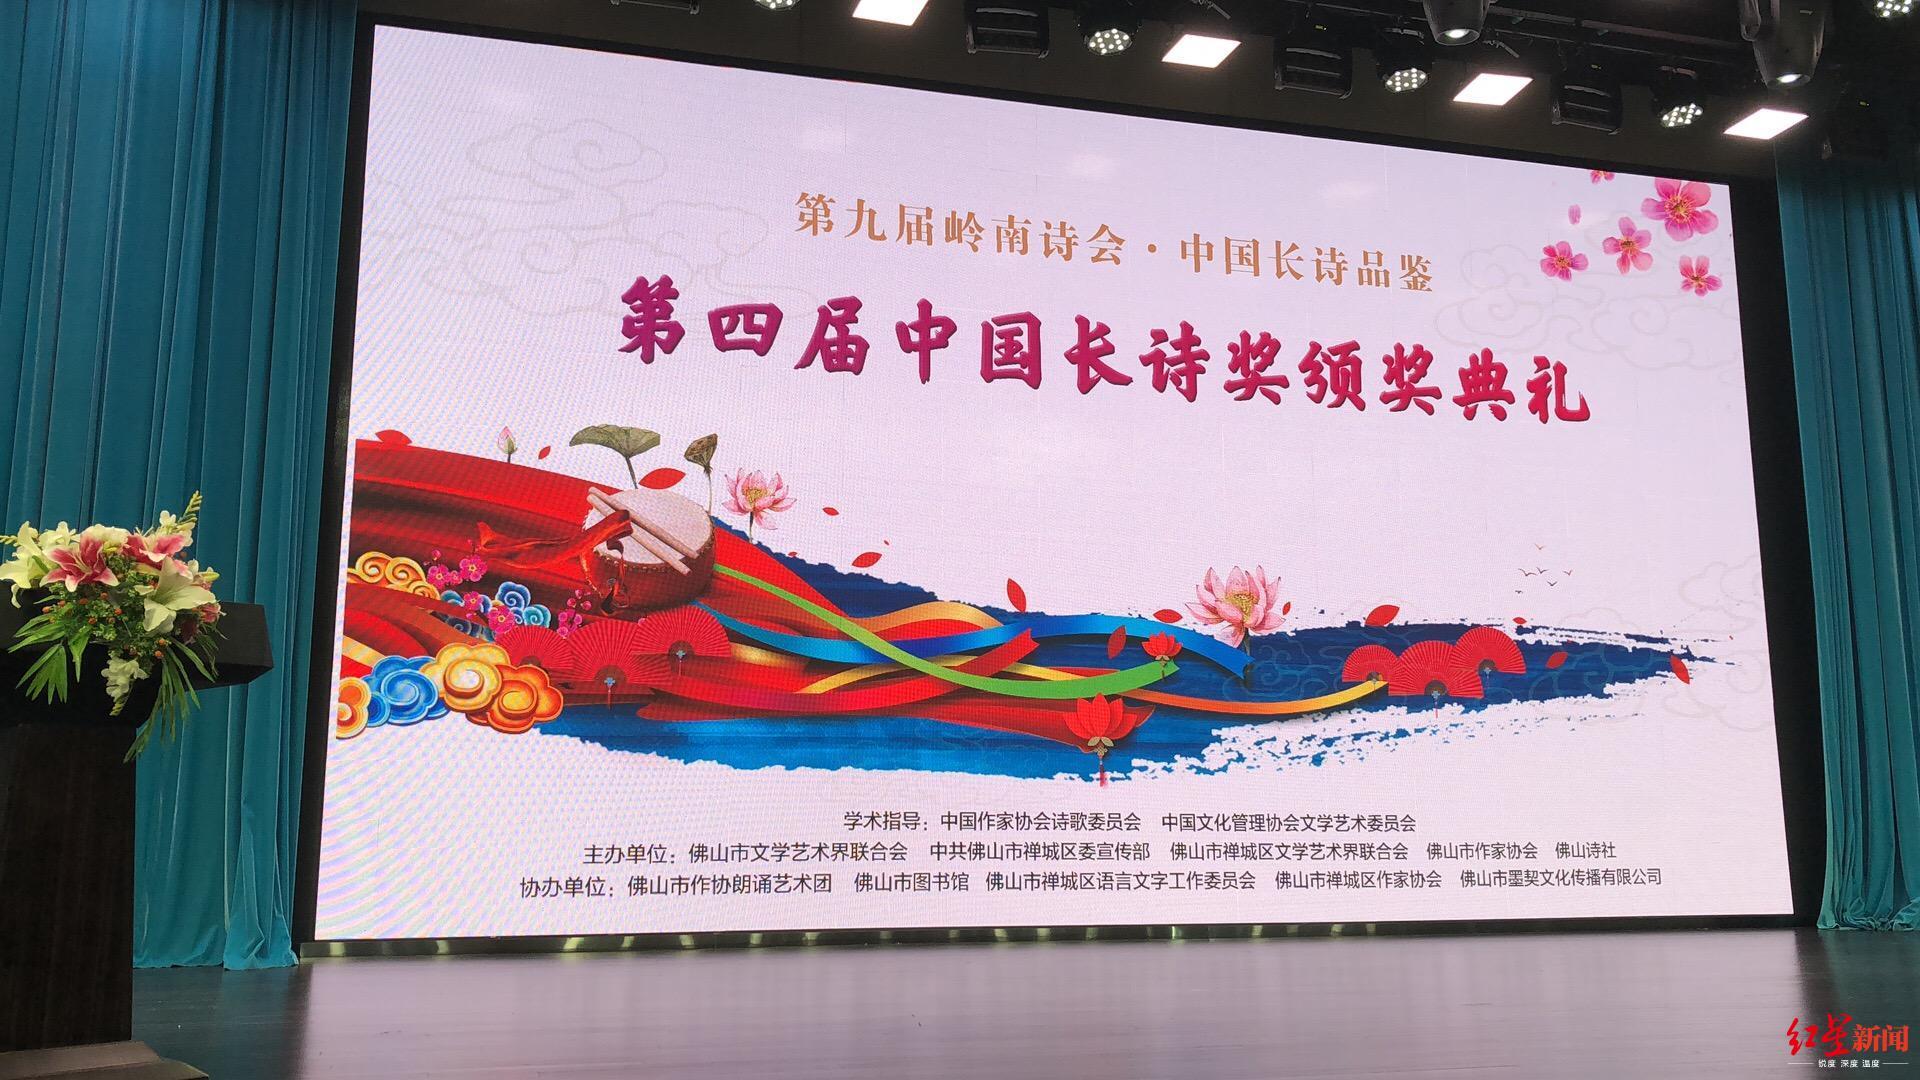 第四届中国长诗奖颁奖 著名诗人李少君等7人获最佳成就奖